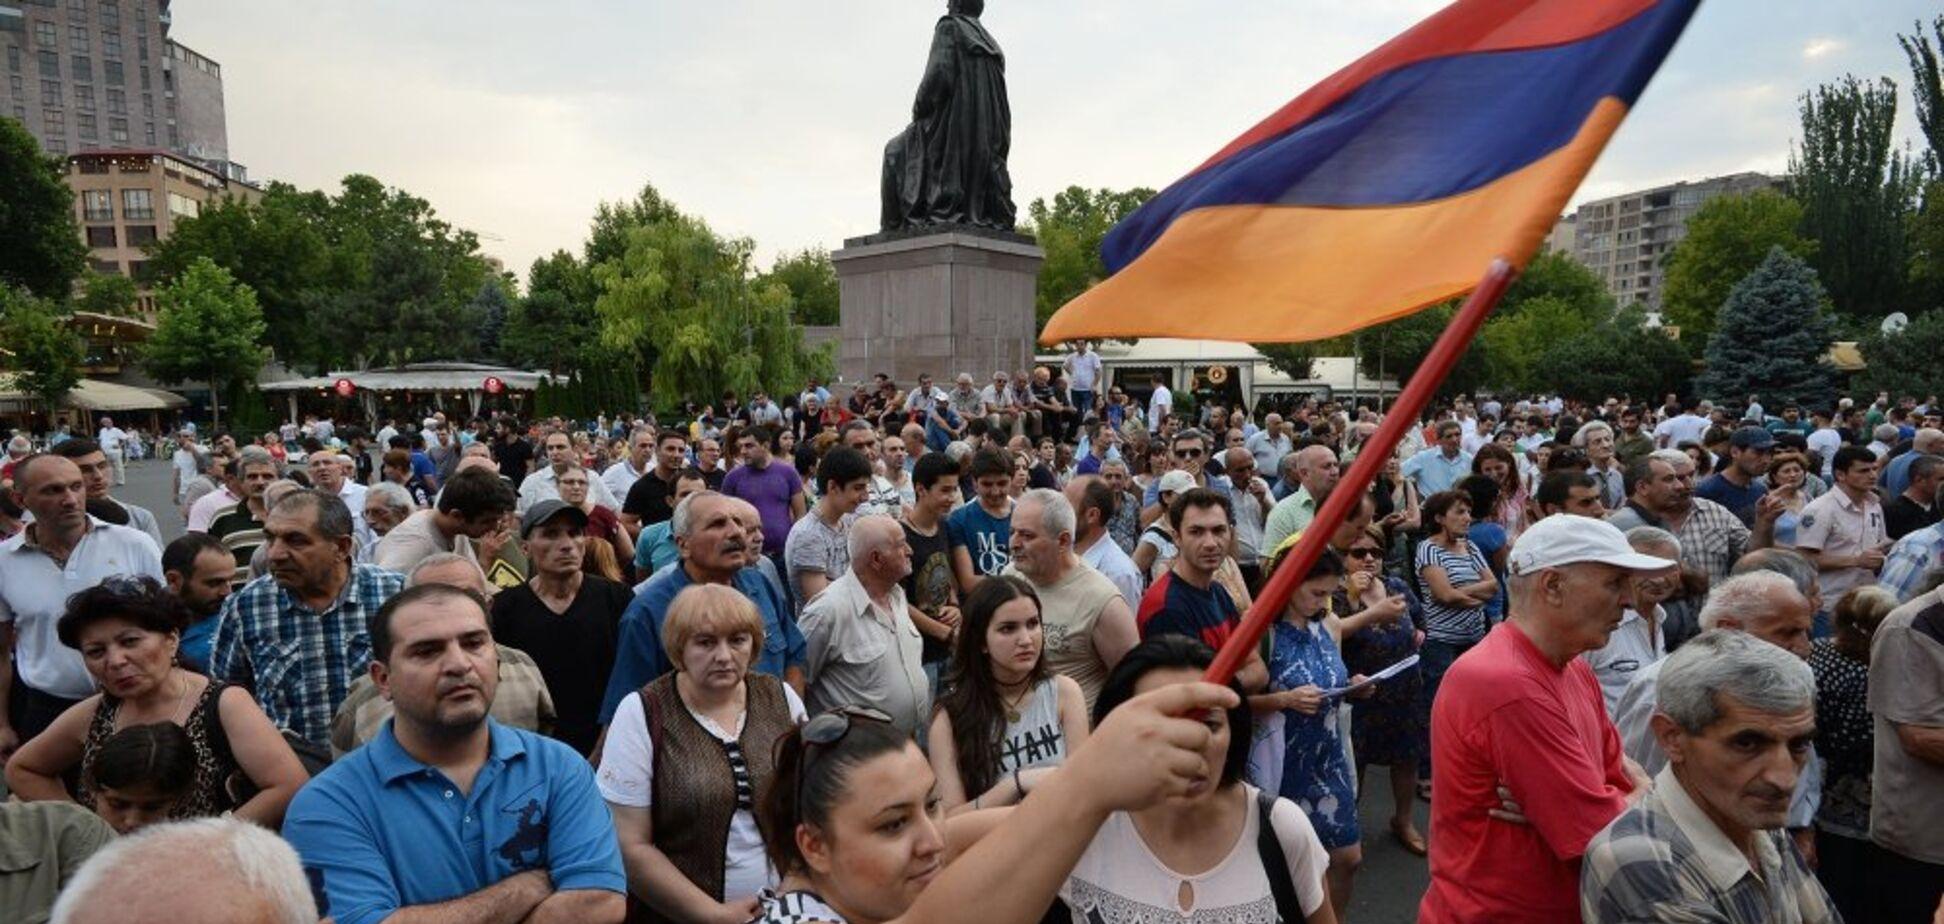 'Відомий зв'язками з Москвою': в Вірменії побачили, як РФ 'мочить' лідера протестів